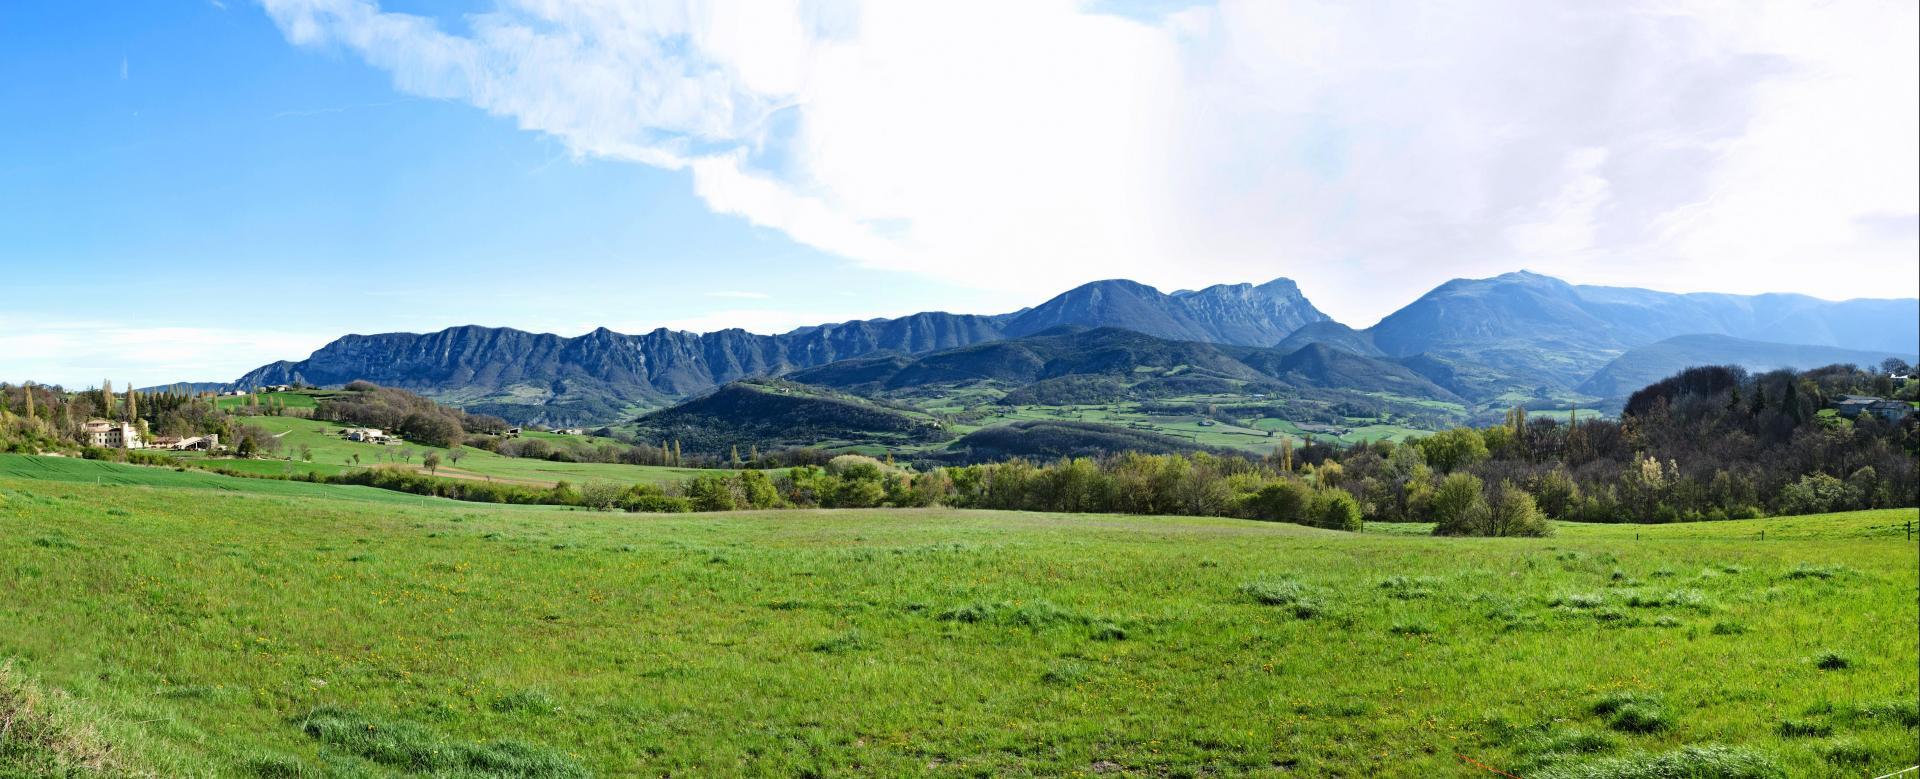 Voyage en véhicule : Alpes du Nord : Au fil de la drôme à vélo